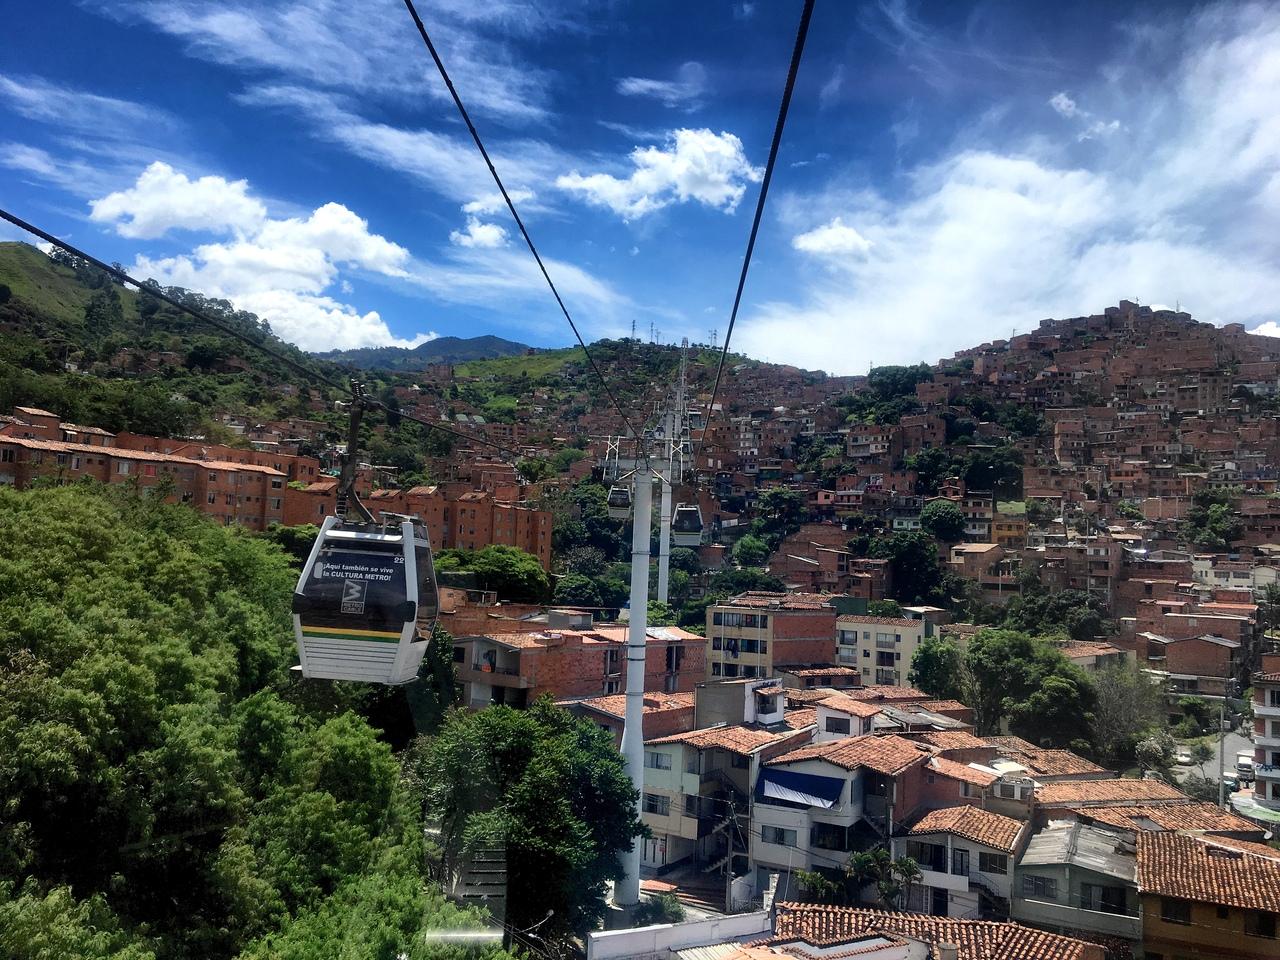 канатная дорога в медельин